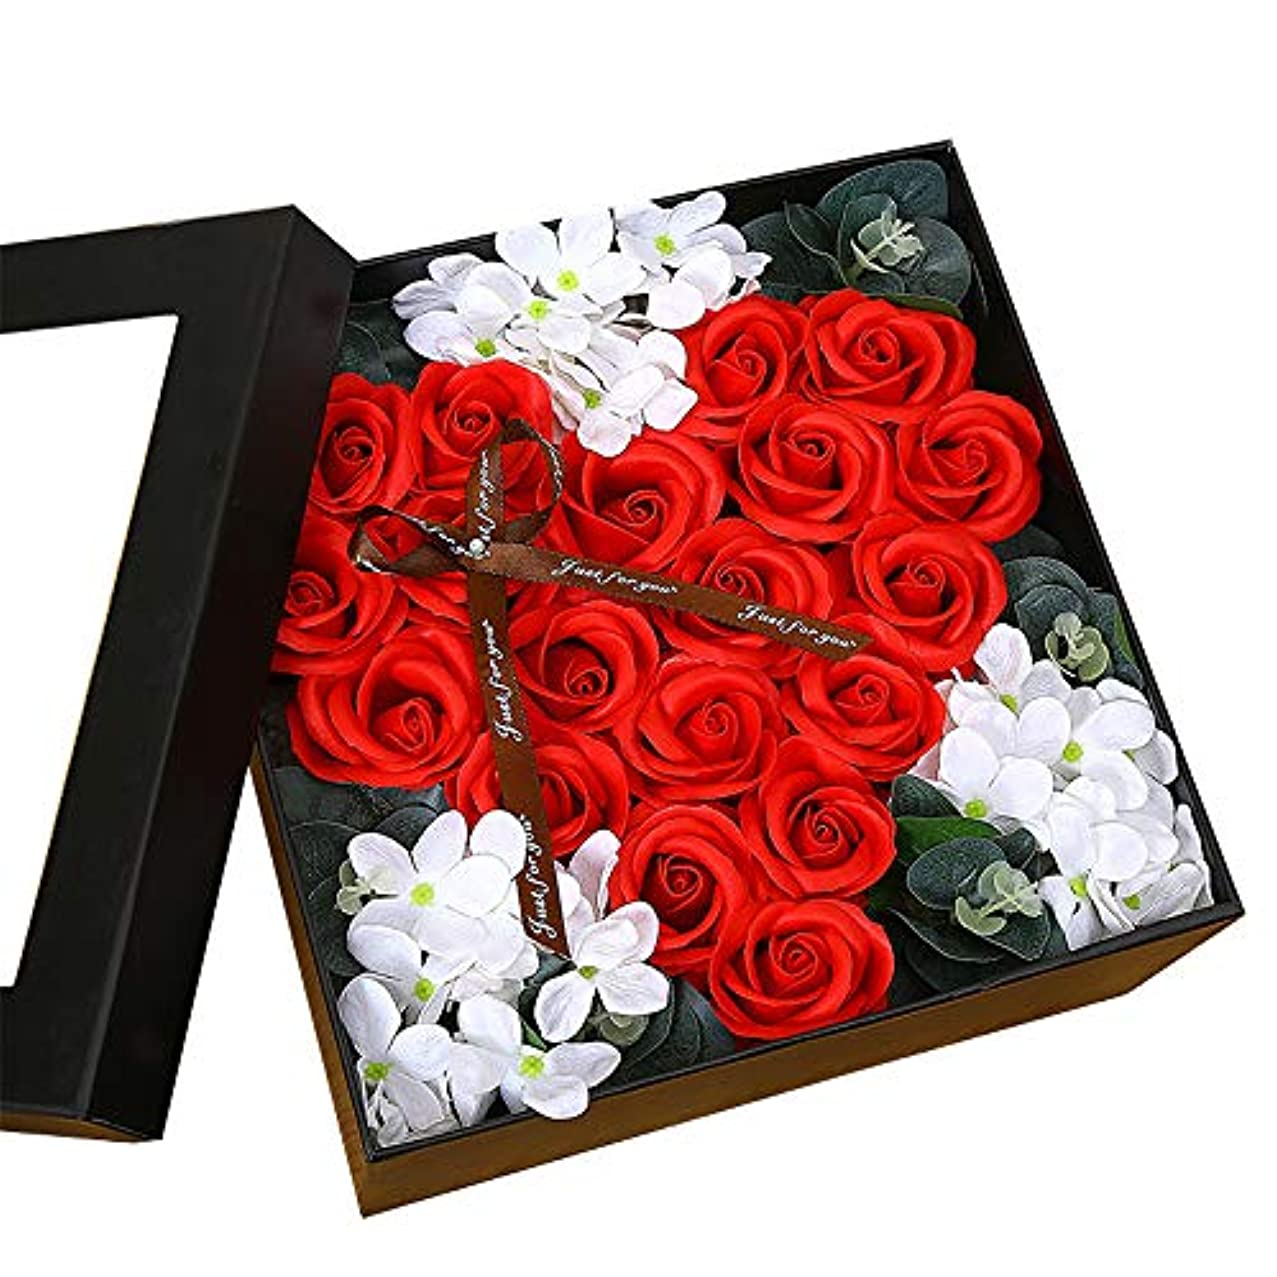 独特の月曜論理生地と花石鹸の花 ギフトソープフラワーローズフラワーバレンタインデーのために不可欠ガールフレンド記念日誕生日母の日 (色 : Red square box)